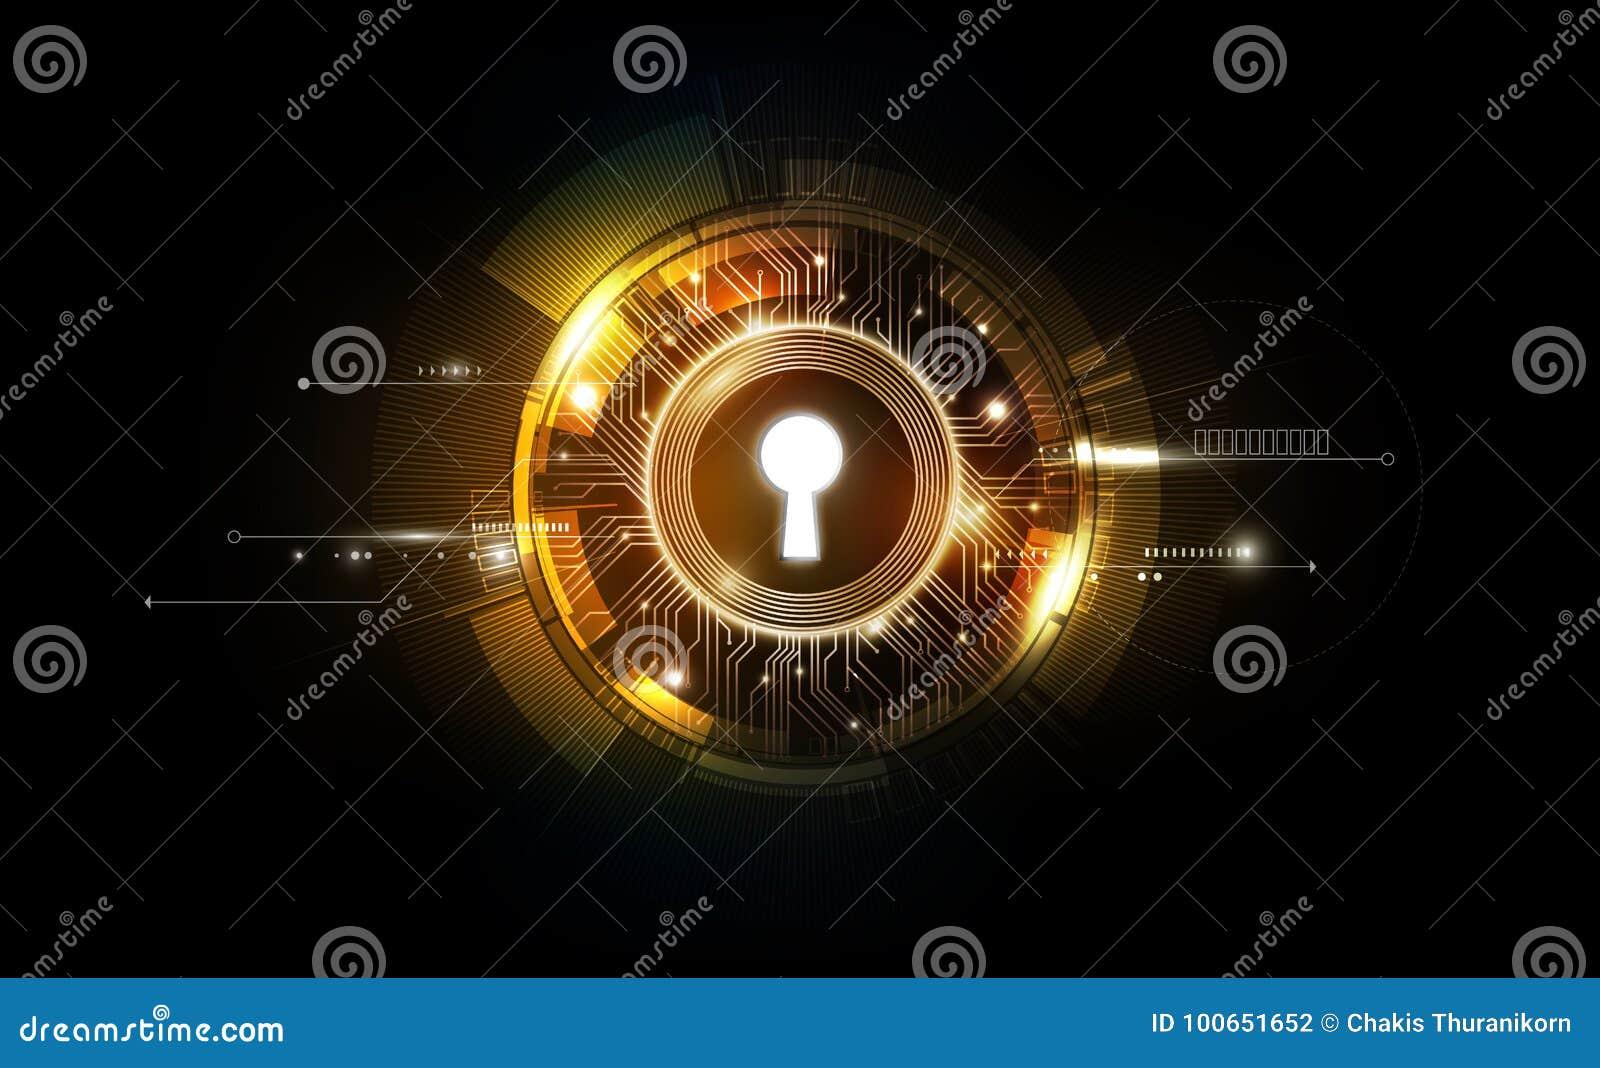 Fondo futurista de la tecnología del extracto del ojo de la cerradura del resplandor con ligero y brillante, llave de la solución